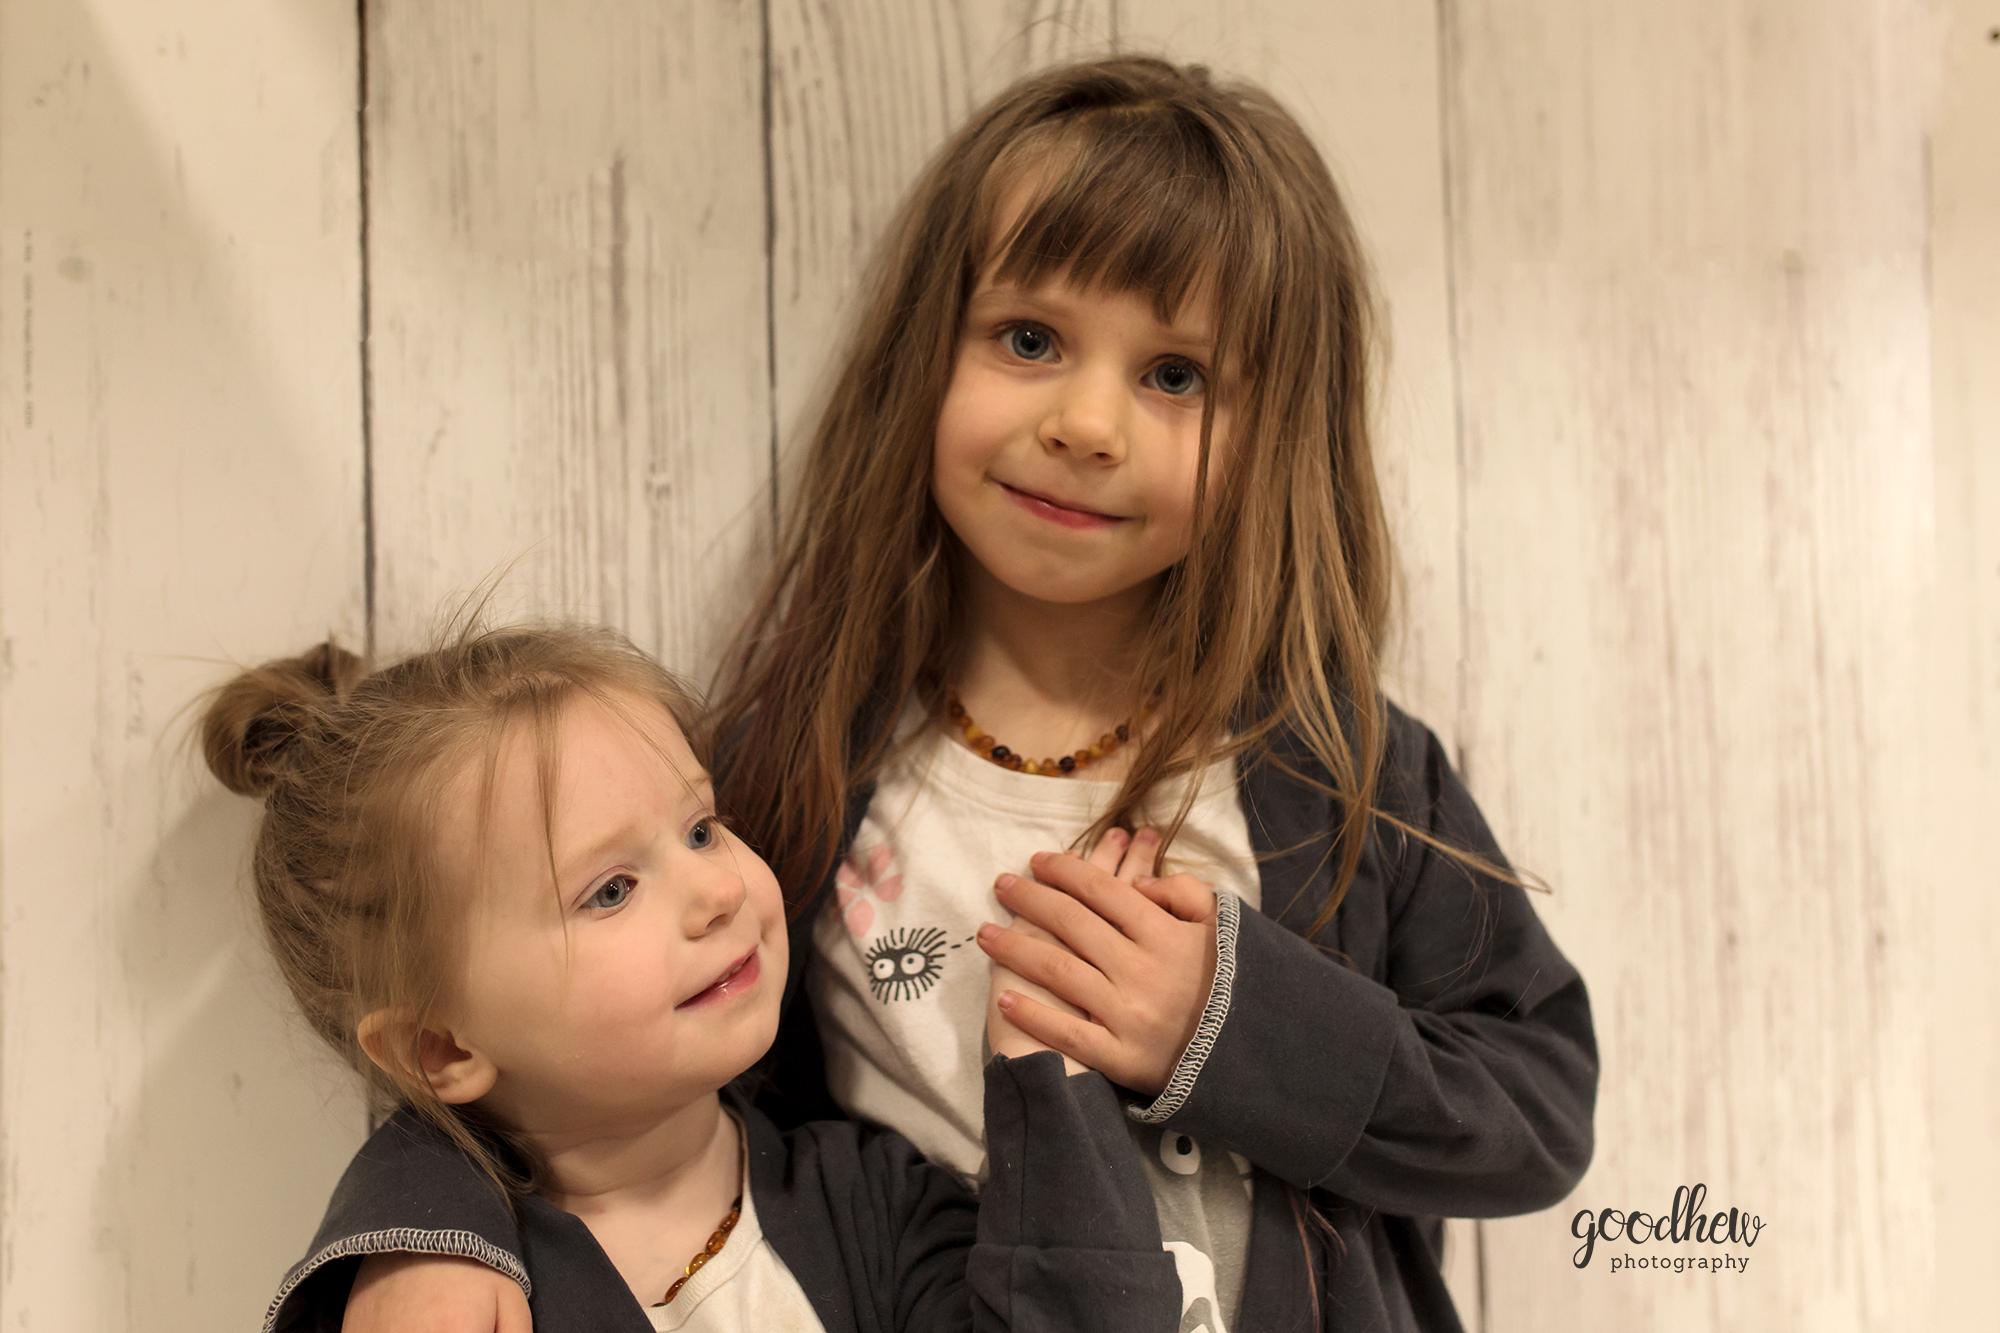 Ann Arbor Children's Portraits - #MichaelsChallenge - Sisters against a faux wood backdrop